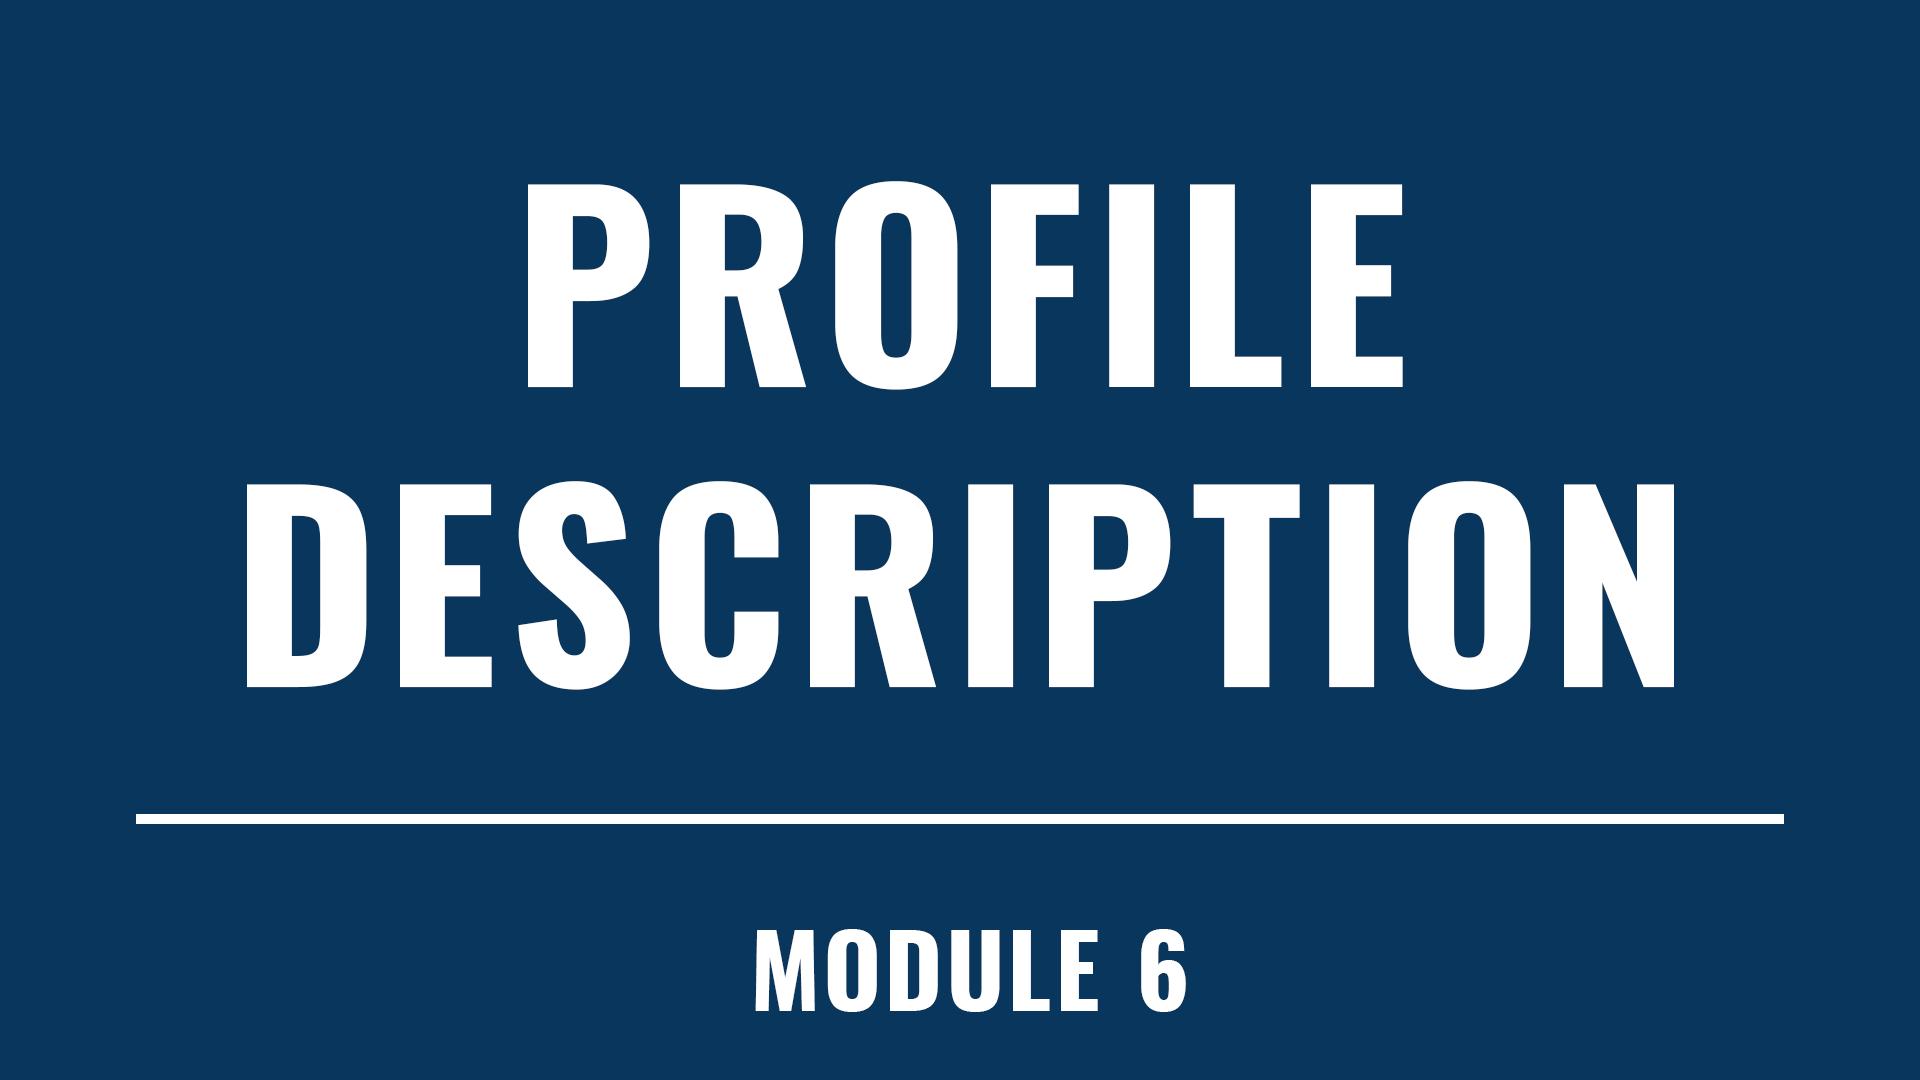 Profile Description